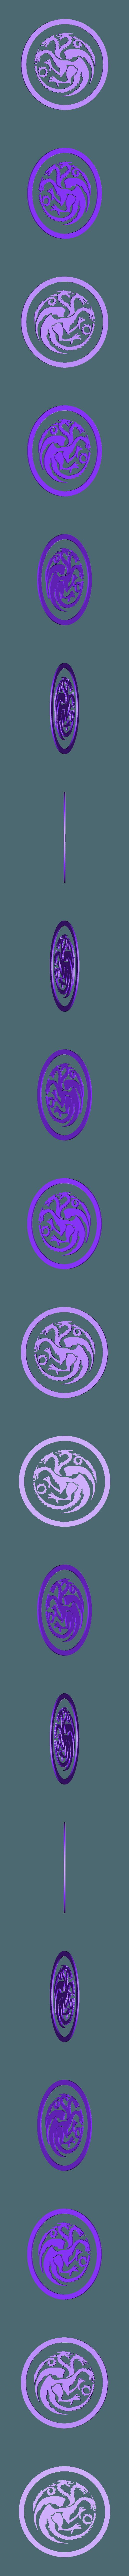 Targaryen_top3.stl Télécharger fichier STL gratuit Dessous de verre Targaryen • Modèle pour impression 3D, snagman